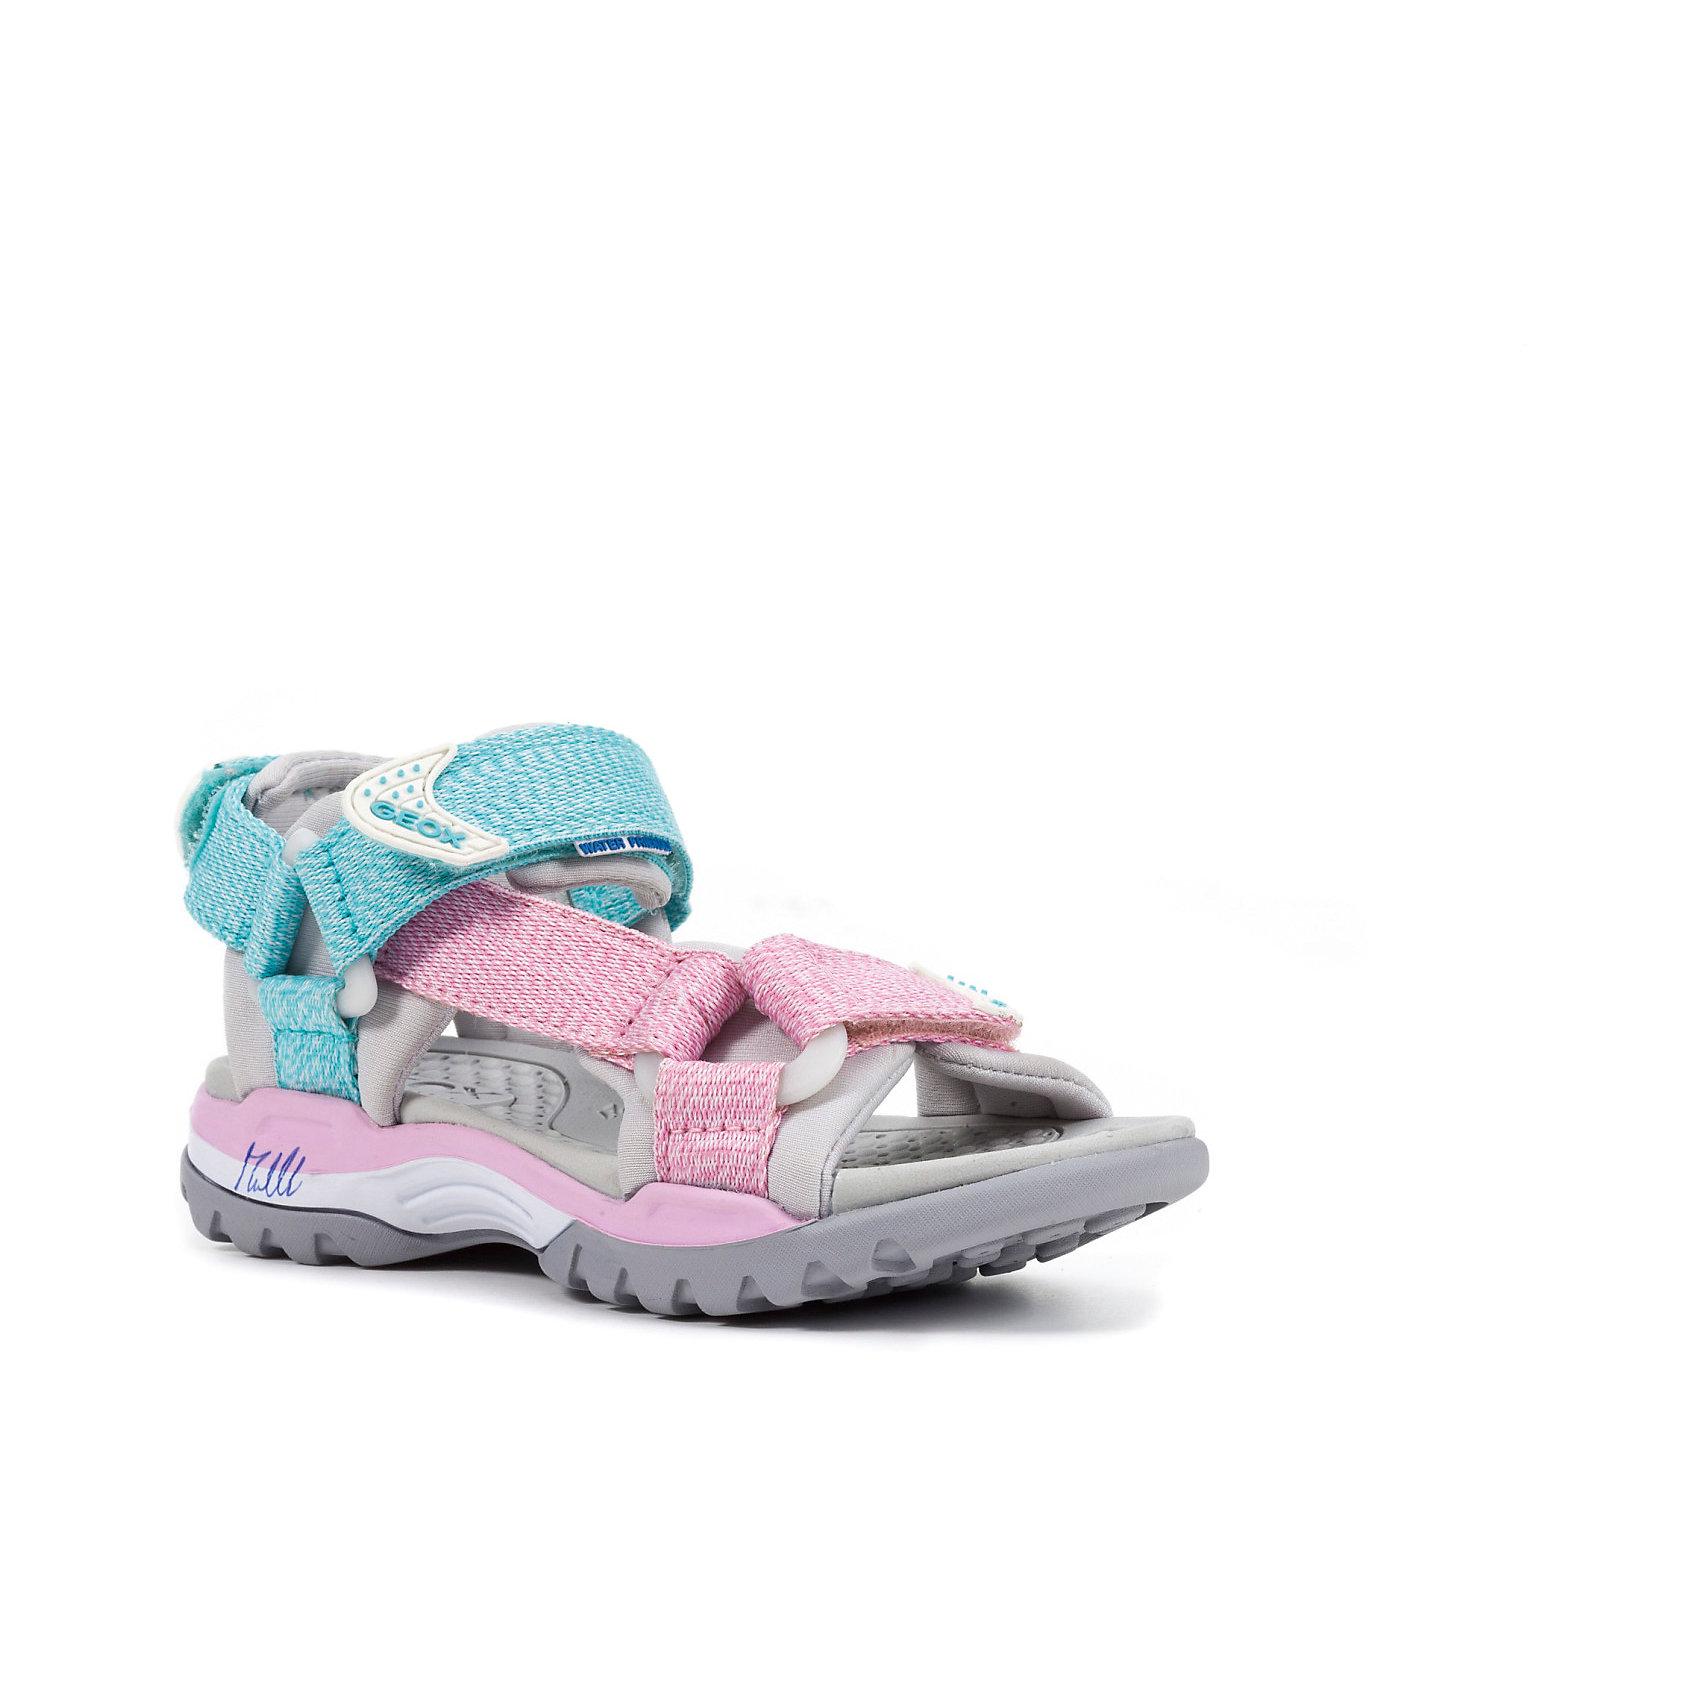 Сандалии для девочки GEOXСандалии<br>Характеристики товара:<br><br>• цвет: розовый/голубой<br>• внешний материал: текстиль<br>• внутренний материал: текстиль<br>• стелька: искусственные материалы<br>• подошва: резина<br>• застежка: липучка<br>• открытый носок<br>• спортивный стиль<br>• устойчивая подошва<br>• мембранная технология<br>• декорированы принтом<br>• коллекция: весна-лето 2017<br>• страна бренда: Италия<br><br>Легкие удобные сандали помогут обеспечить ребенку комфорт и дополнить наряд. Универсальный цвет позволяет надевать их под одежду разных расцветок. Сандали удобно сидят на ноге и стильно смотрятся. Отличный вариант для жаркой погоды!<br><br>Обувь от бренда GEOX - это классический пример итальянского стиля и высокого качества, известных по всему миру. Модели этой марки - неизменно модные и комфортные. Для их производства используются только безопасные, качественные материалы и фурнитура. Отличие этой линейки обуви - мембранная технология, которая обеспечивает естественное дыхание обуви и в то же время не пропускает воду. Это особенно важно для детской обуви!<br><br>Сандали от итальянского бренда GEOX (ГЕОКС) можно купить в нашем интернет-магазине.<br><br>Ширина мм: 227<br>Глубина мм: 145<br>Высота мм: 124<br>Вес г: 325<br>Цвет: розовый<br>Возраст от месяцев: 132<br>Возраст до месяцев: 144<br>Пол: Женский<br>Возраст: Детский<br>Размер: 35,27,28,29,30,31,32,33,34<br>SKU: 5335774